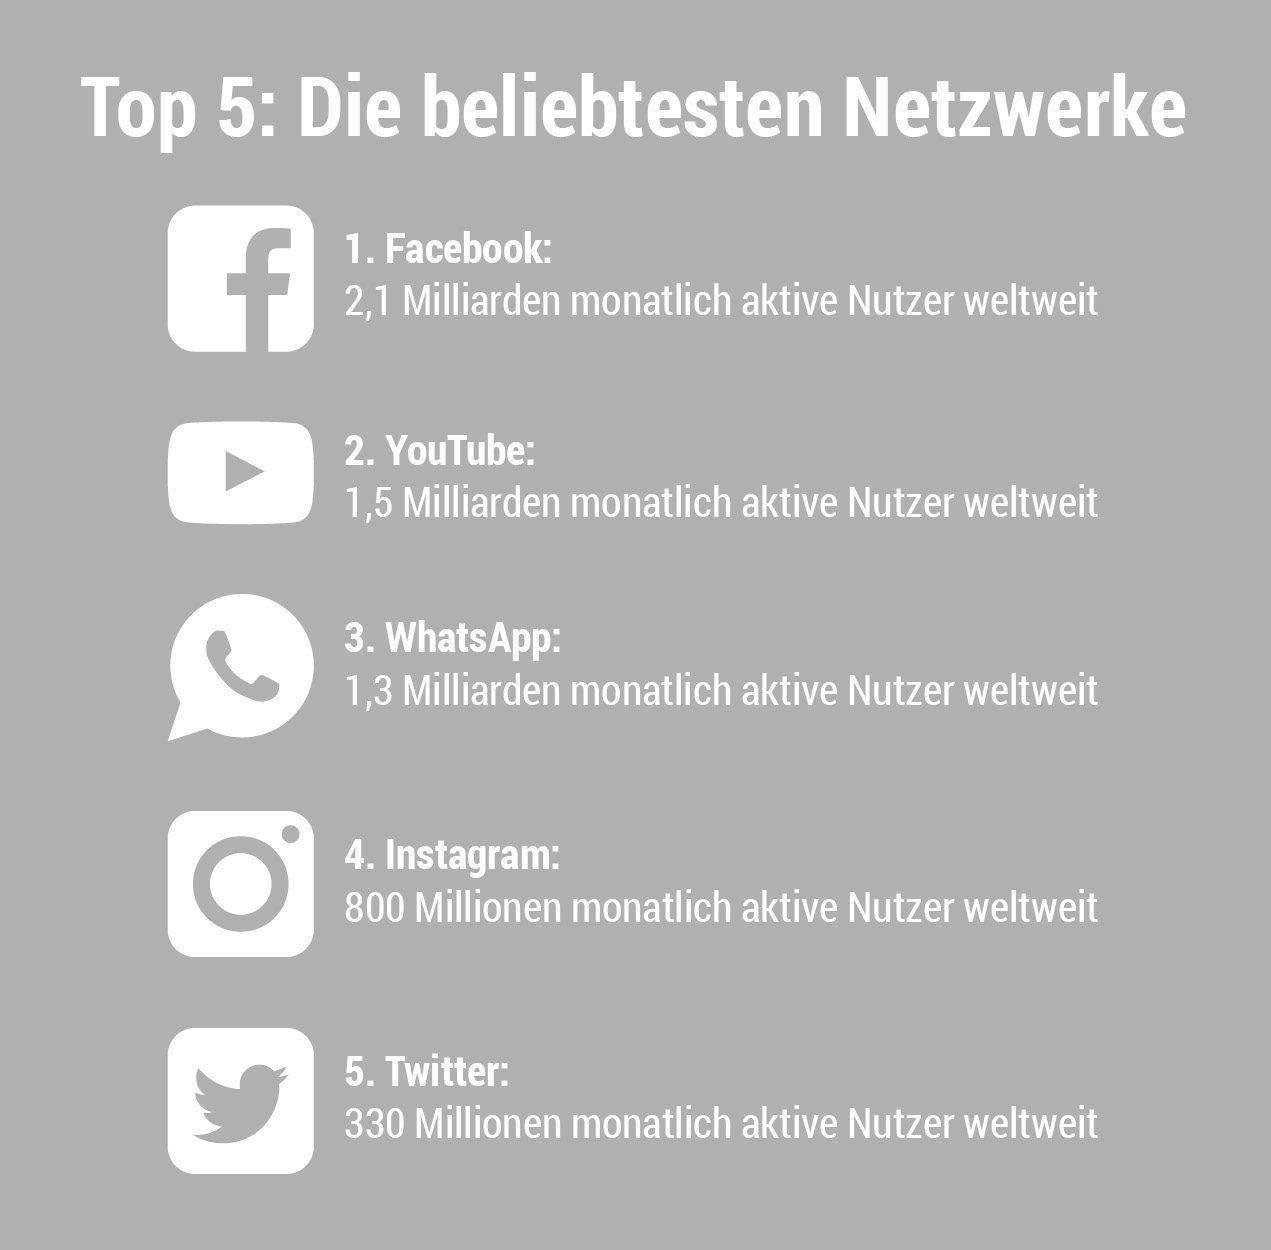 Top 5: Die beliebtesten Netzwerke